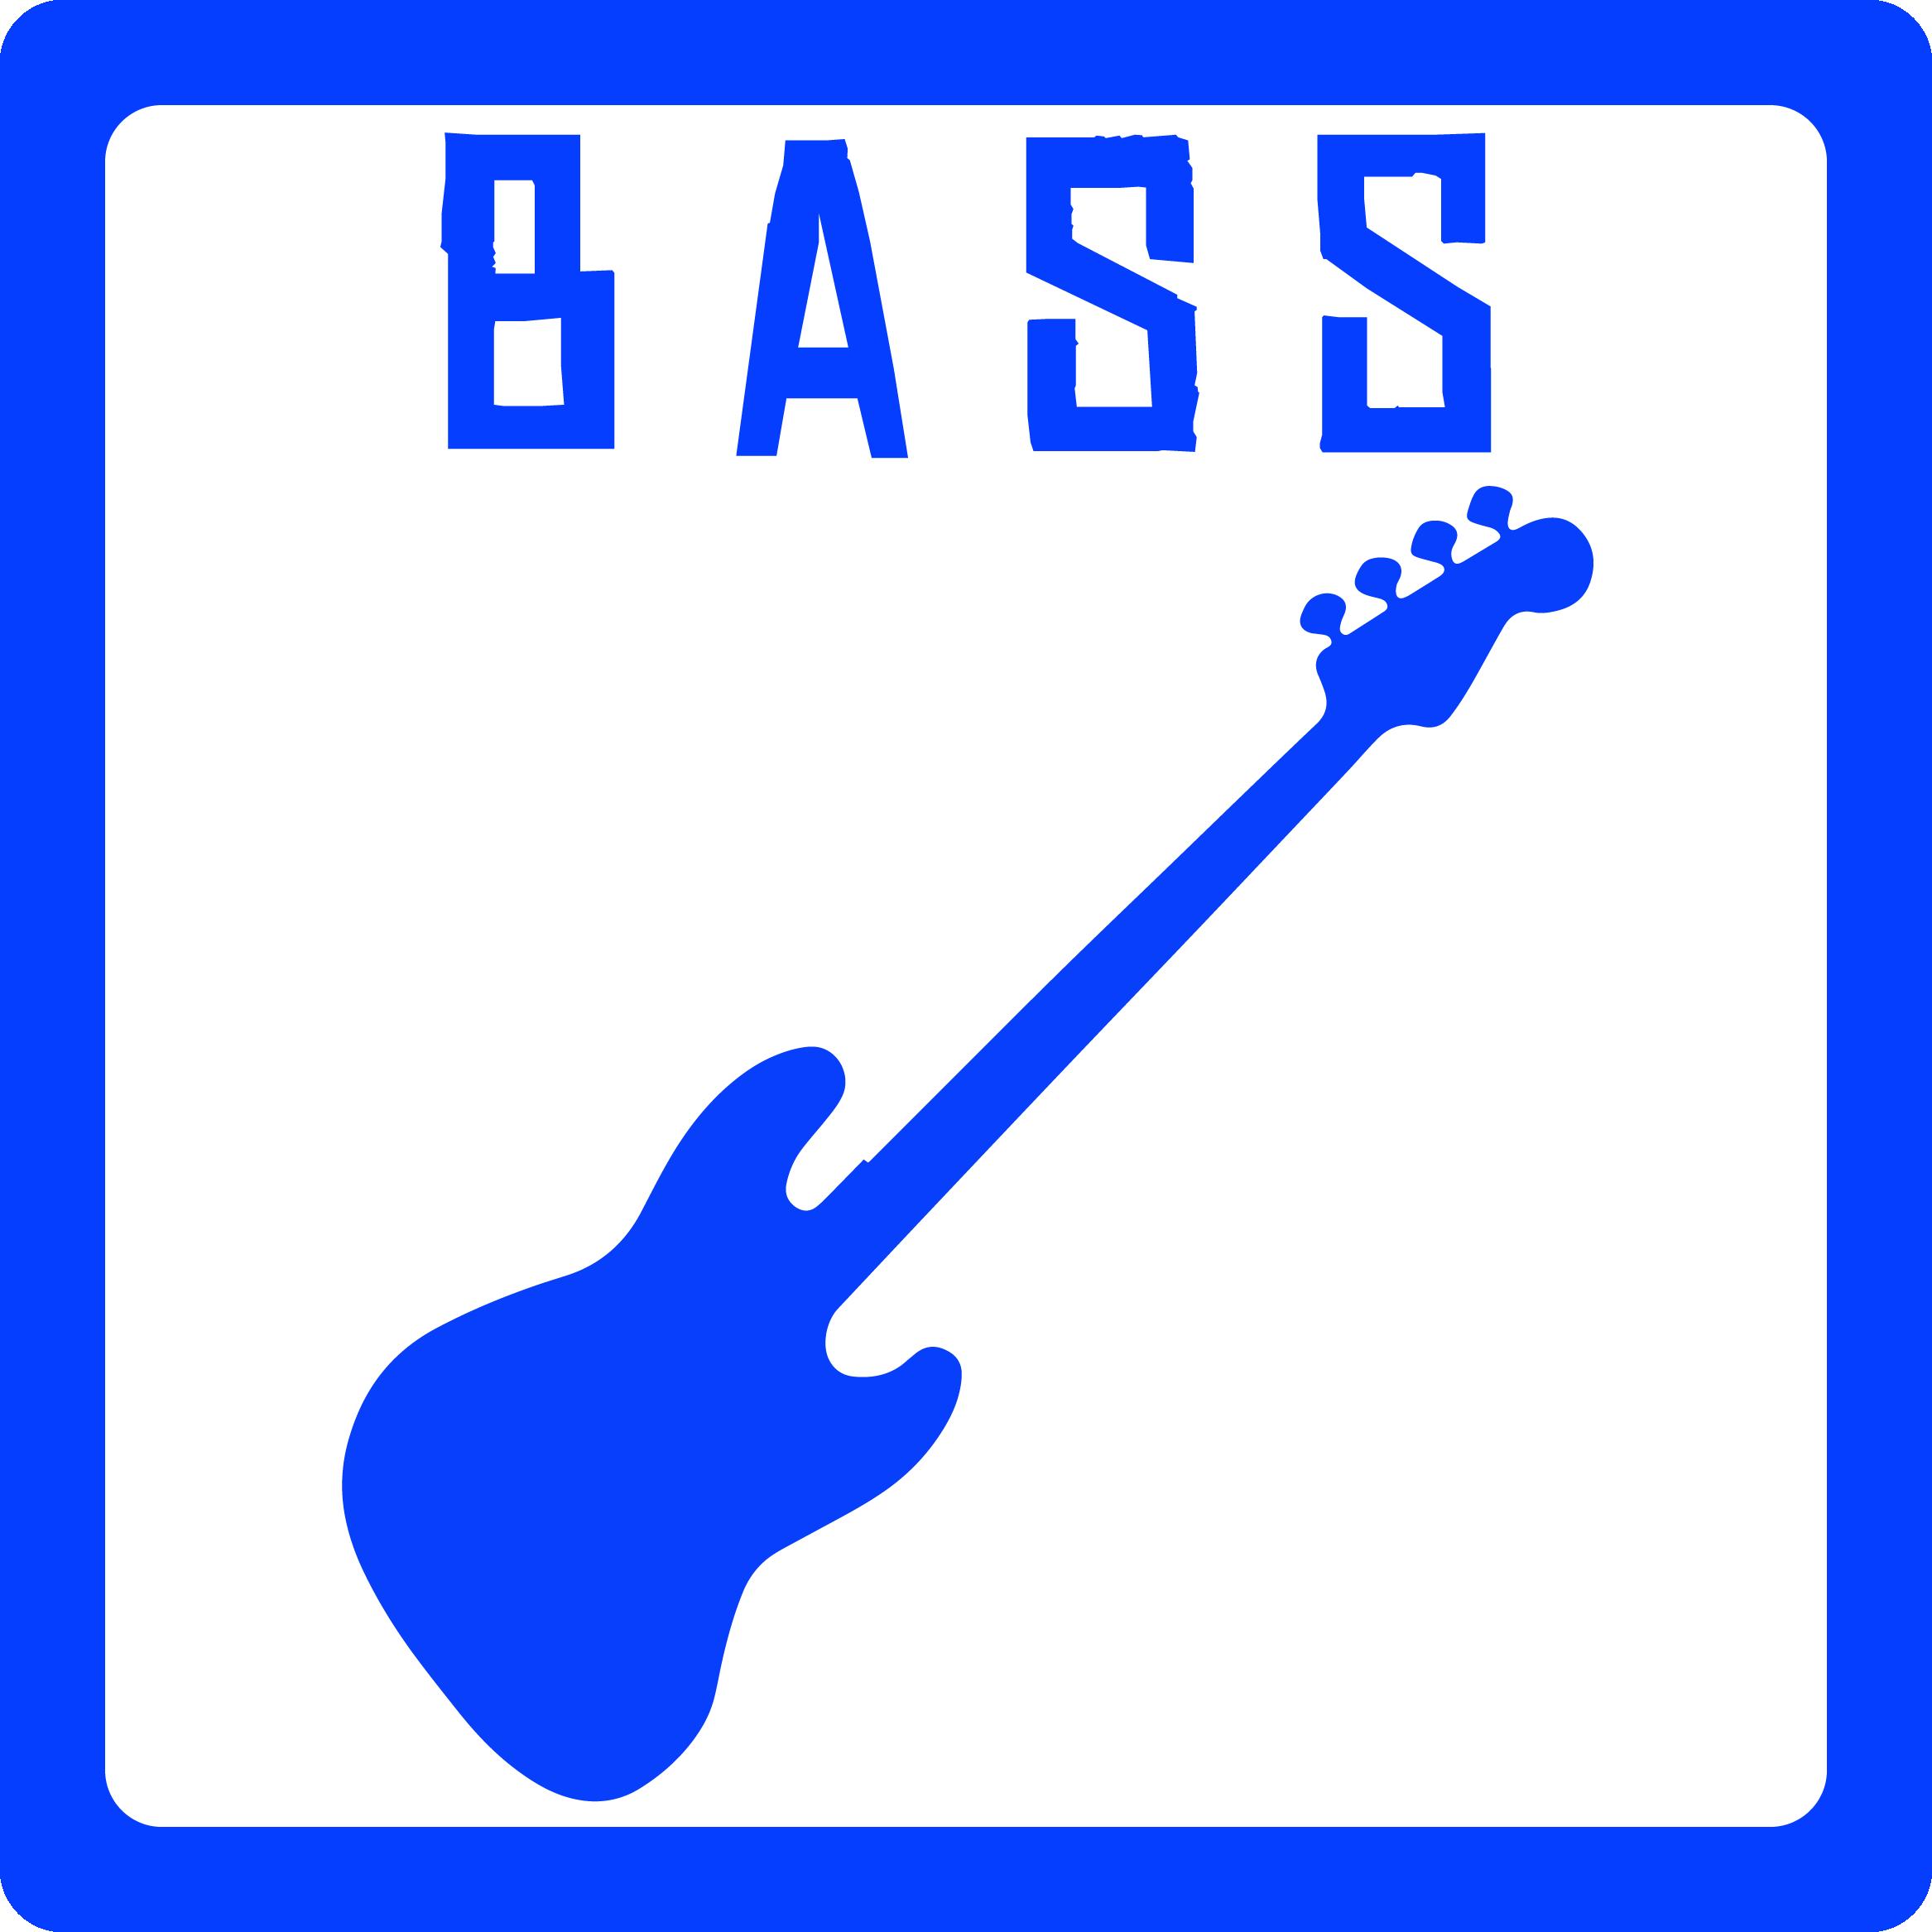 Bass Button Colour.png